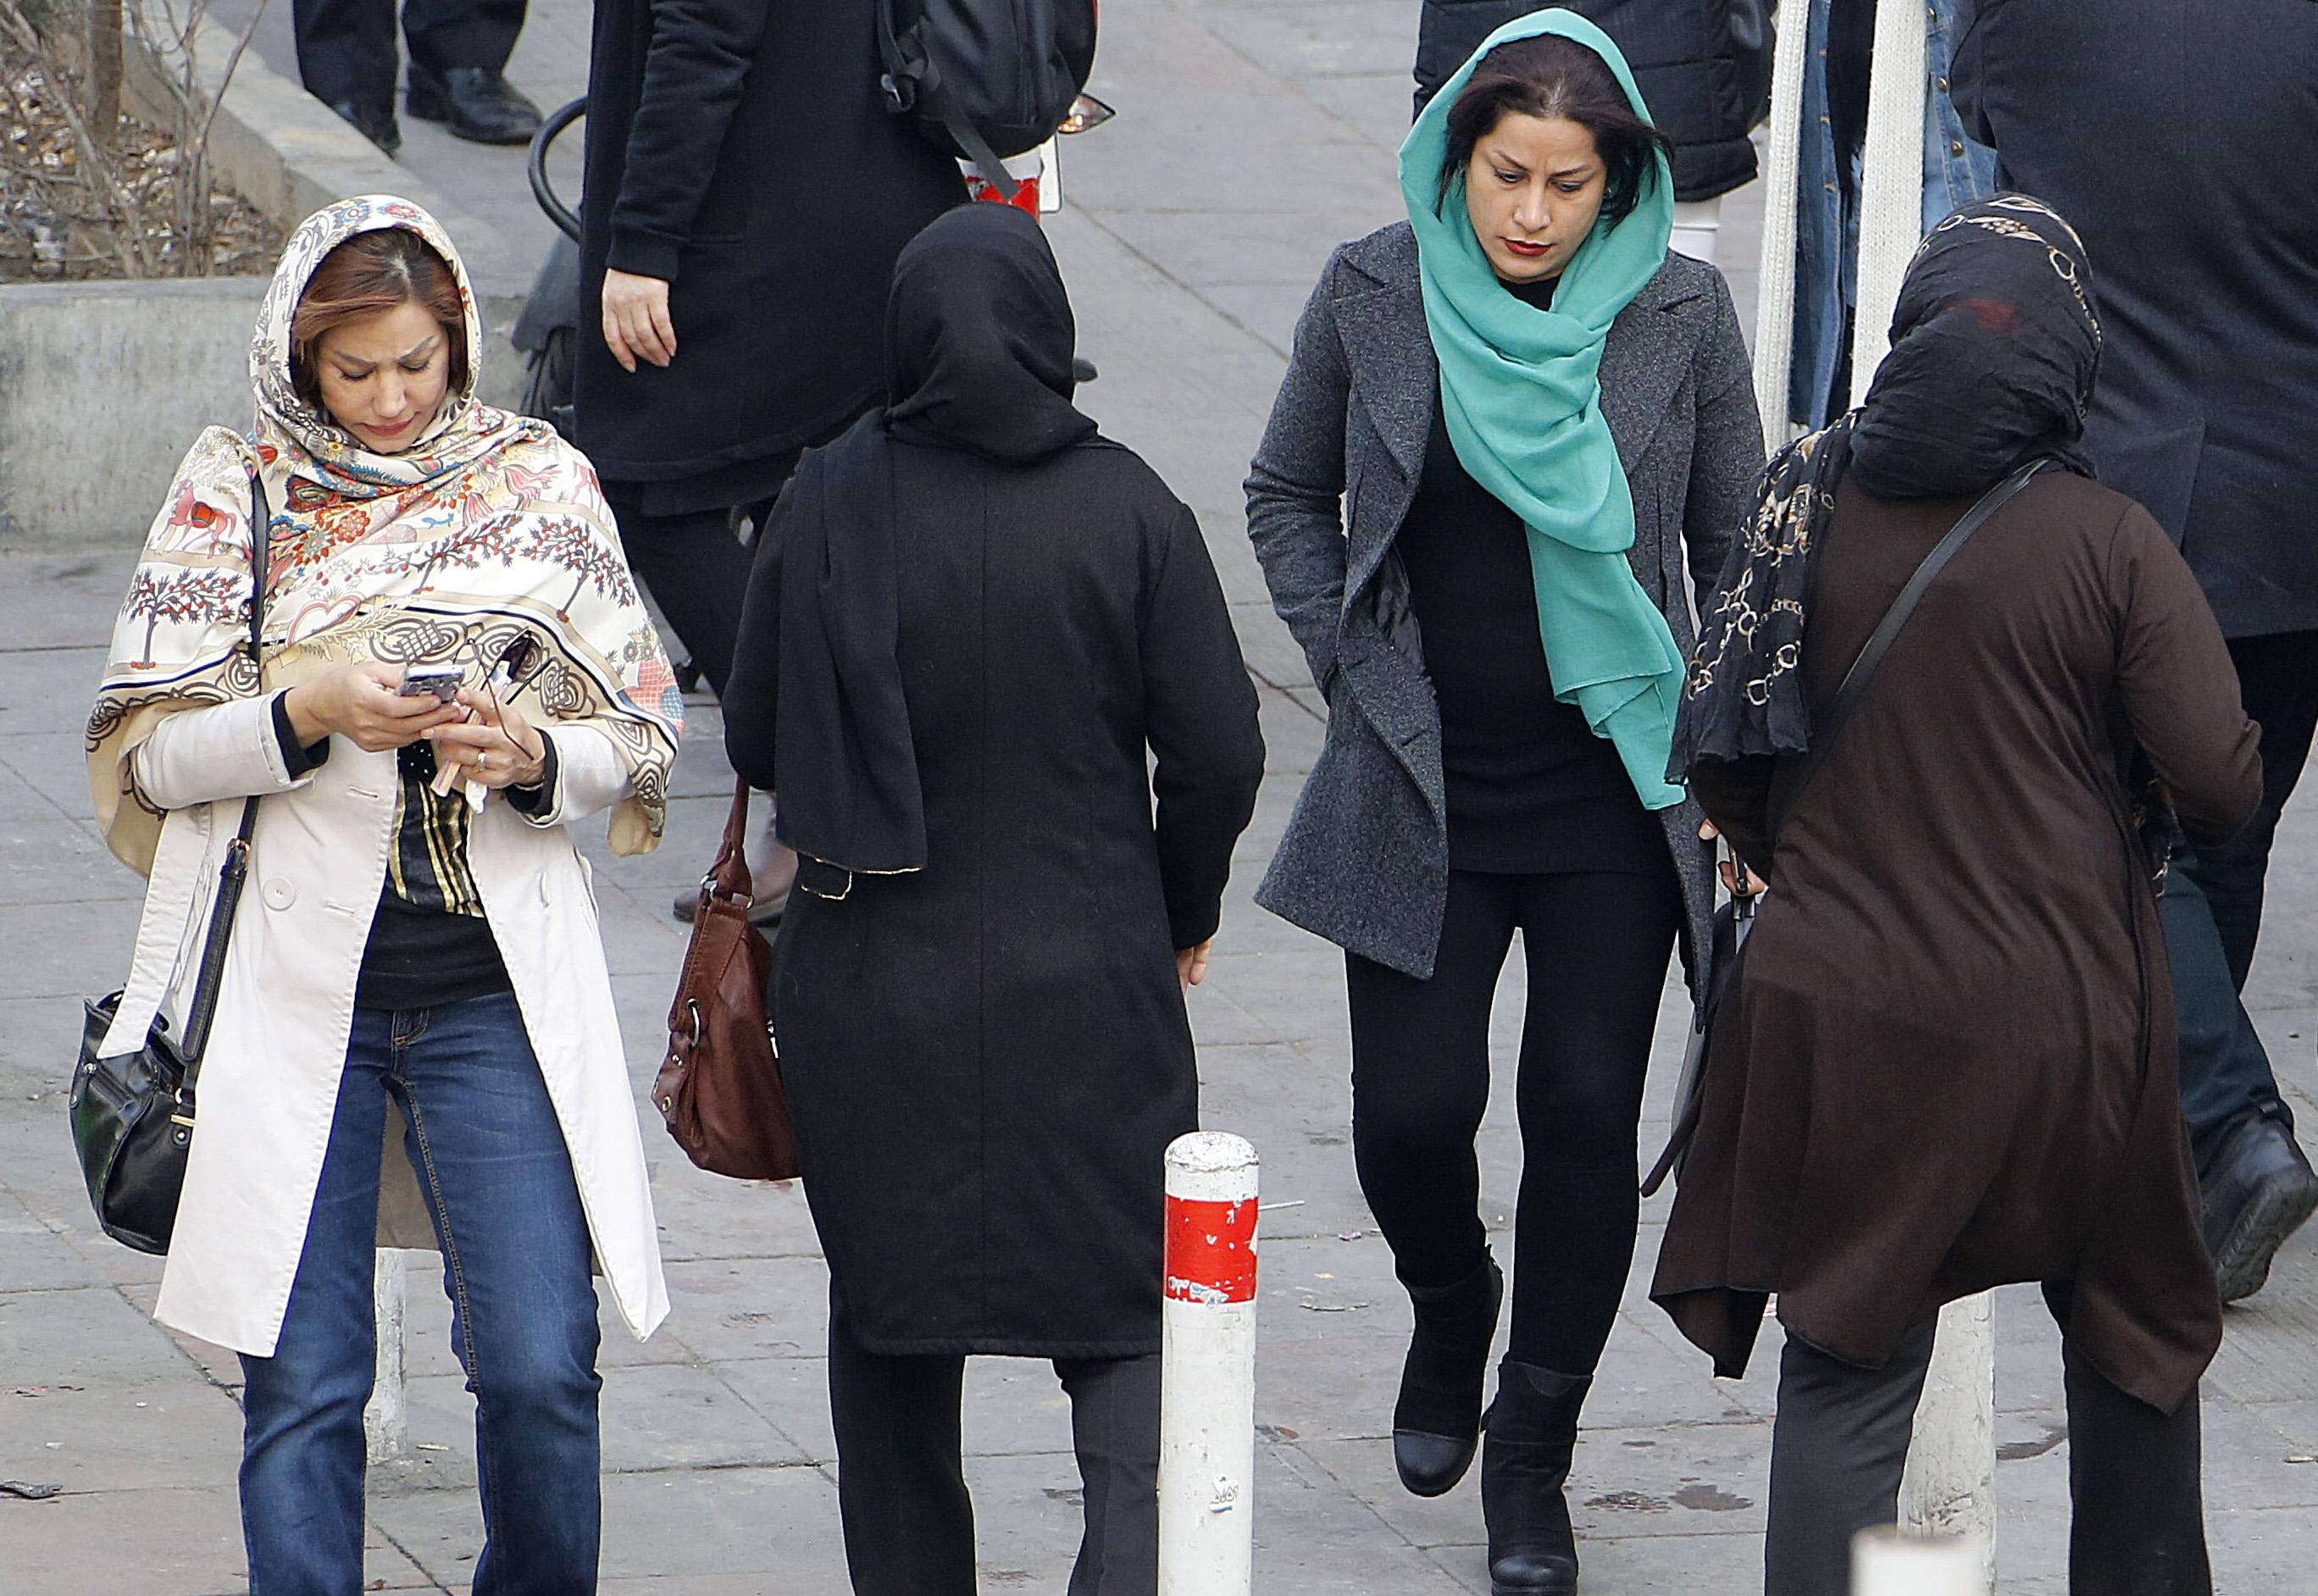 Levetették az iráni nők kendőjét a tbiliszi reptéren